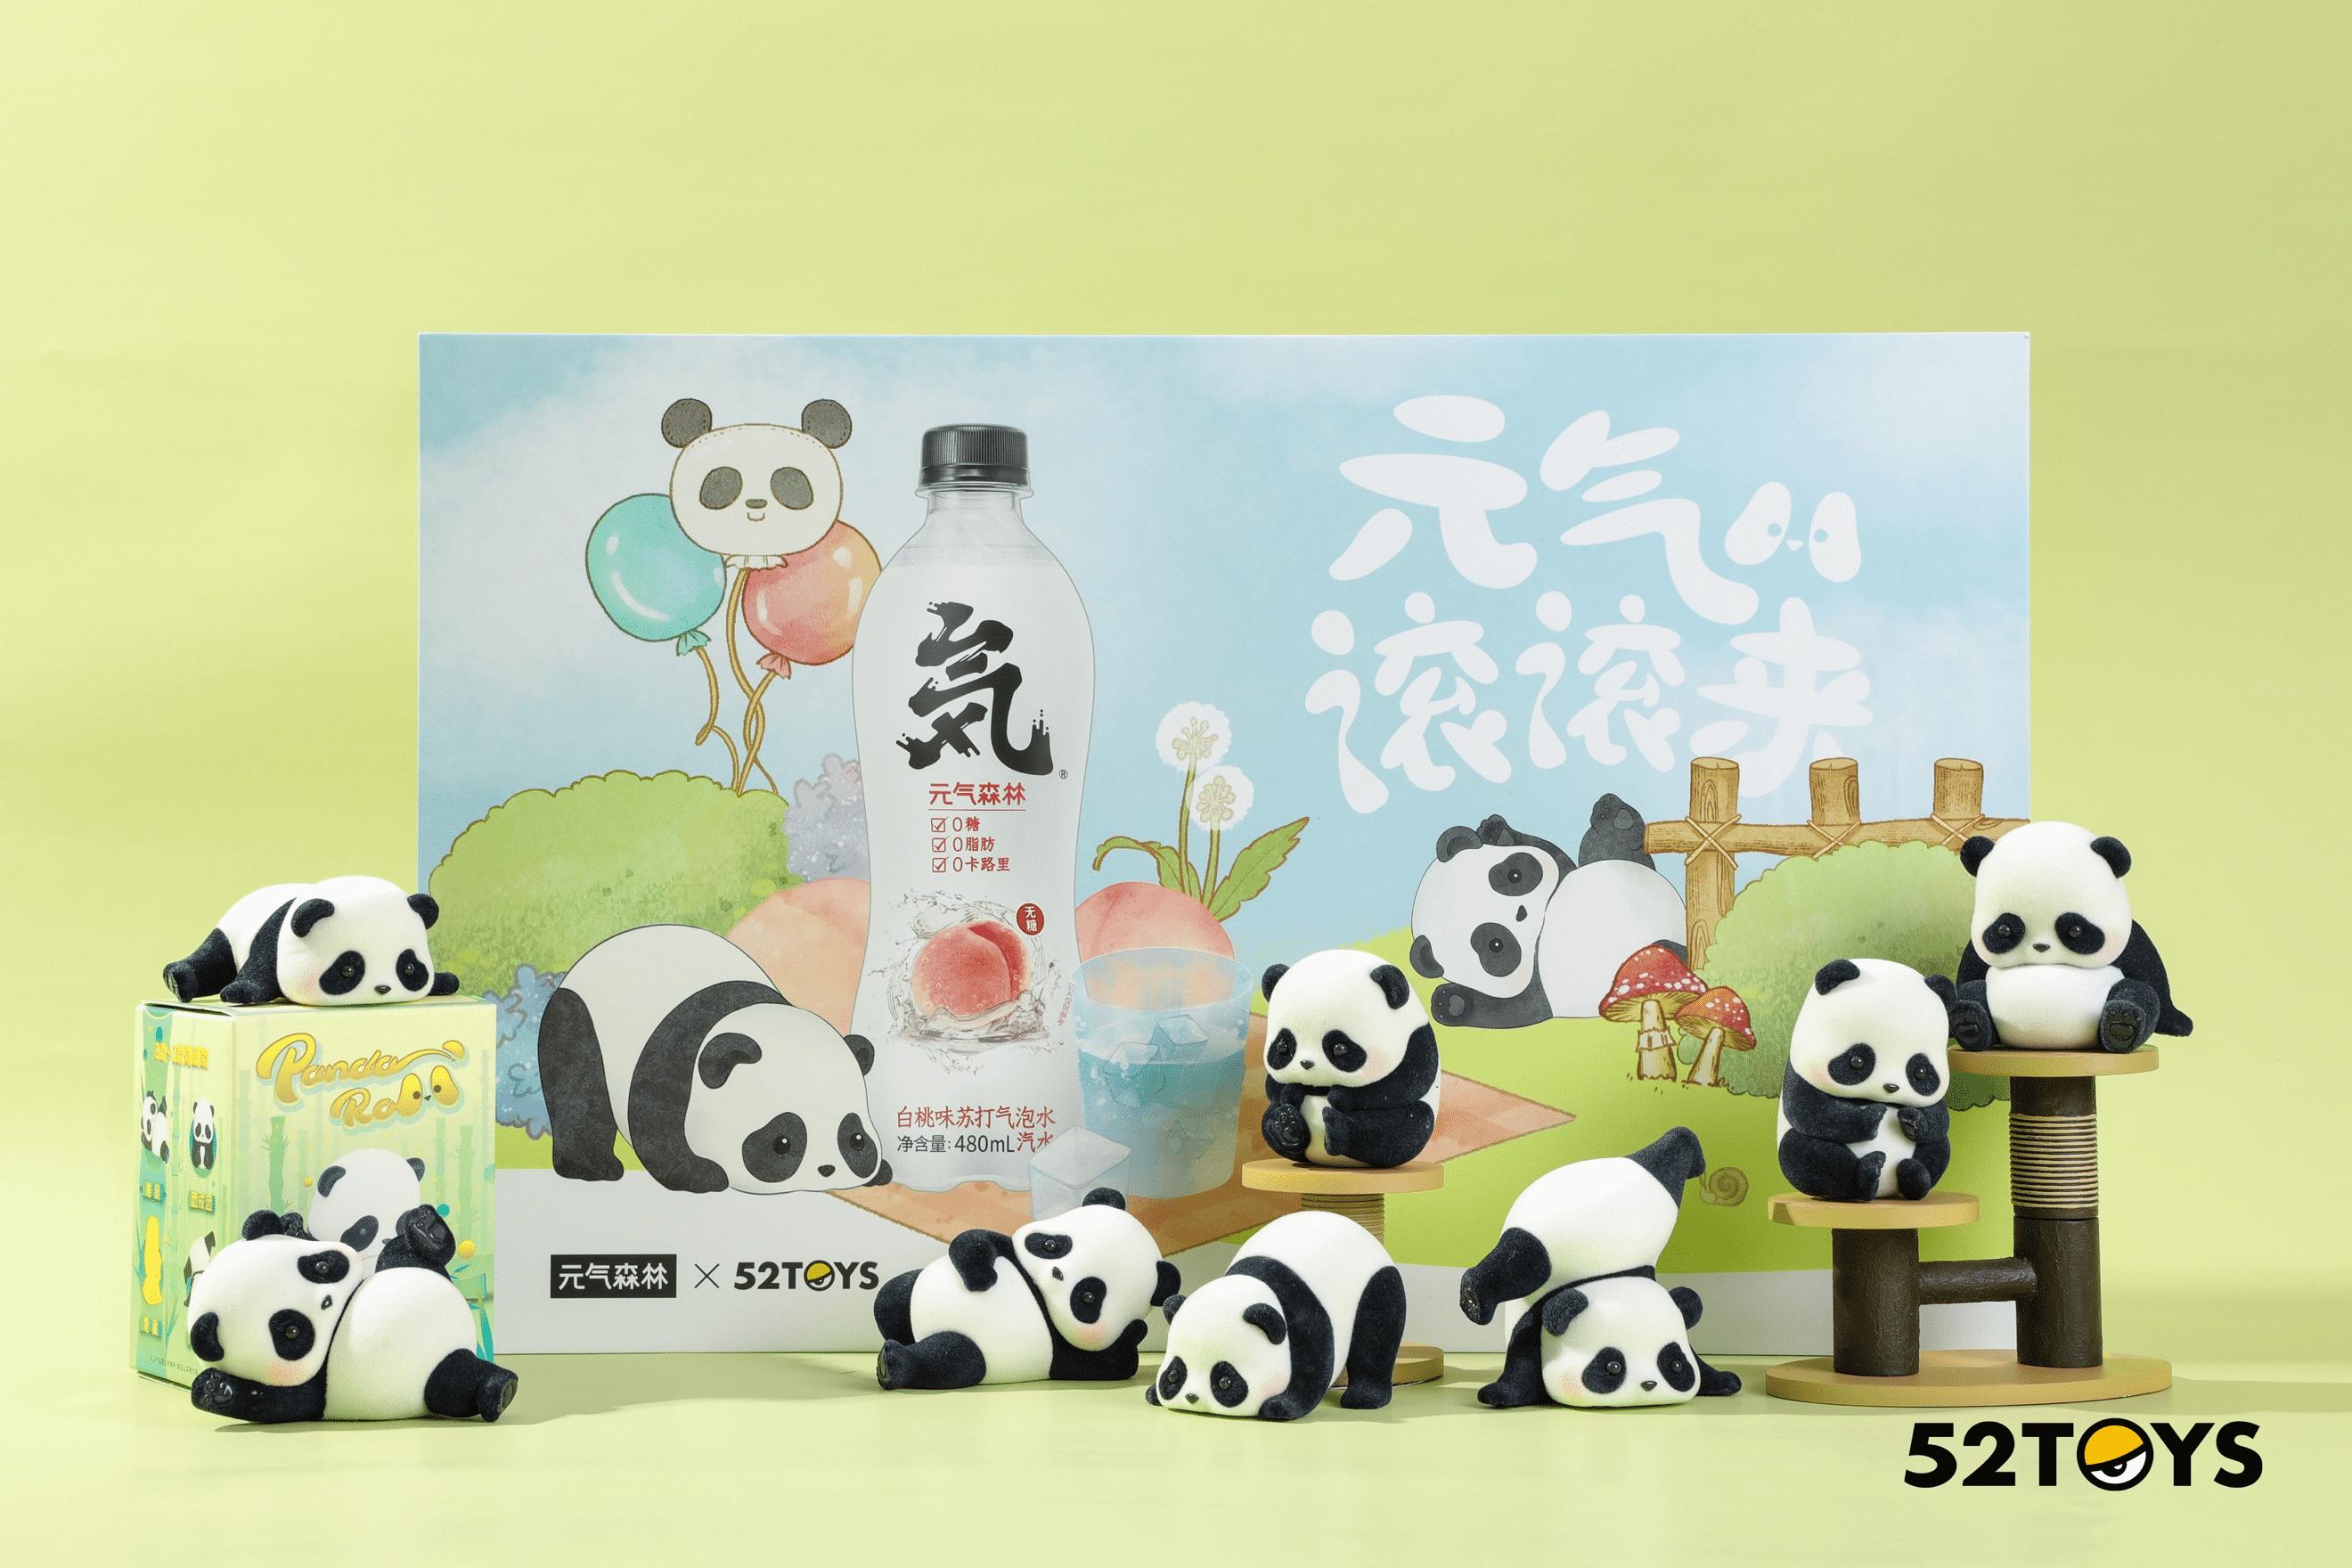 聚焦Z世代 52TOYS联手元气森林打造品牌价值新玩法